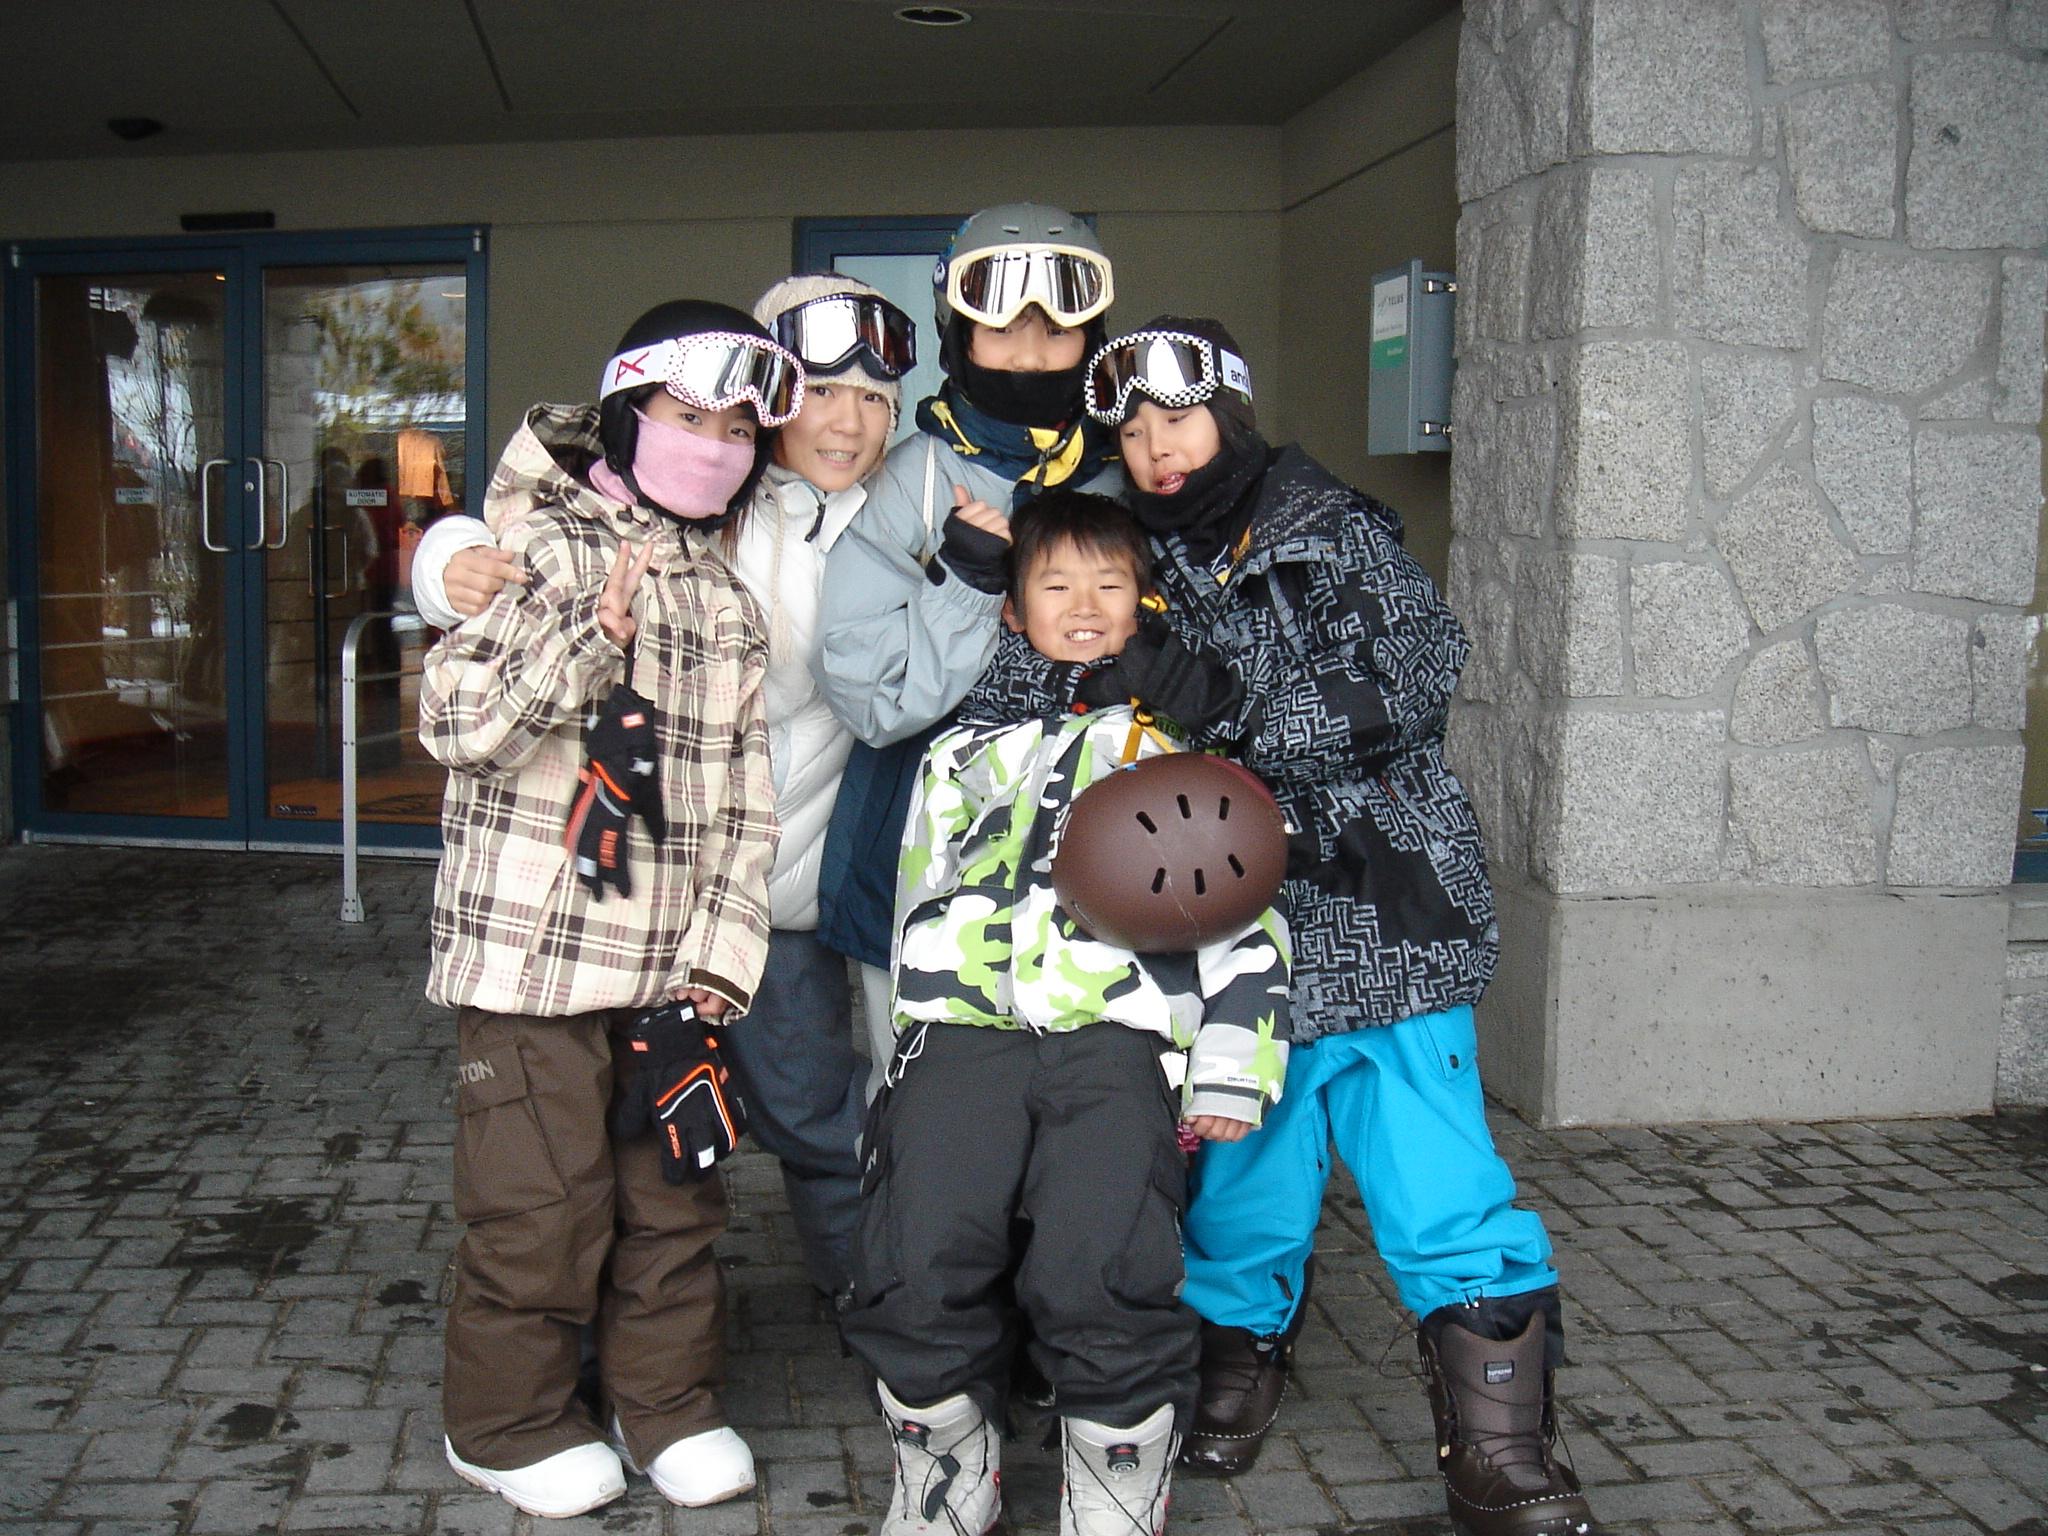 KIRARAにはスノーボードを通して子どもを自立させてくれる環境があり、いろいろなつながりができるきっかけにもなった